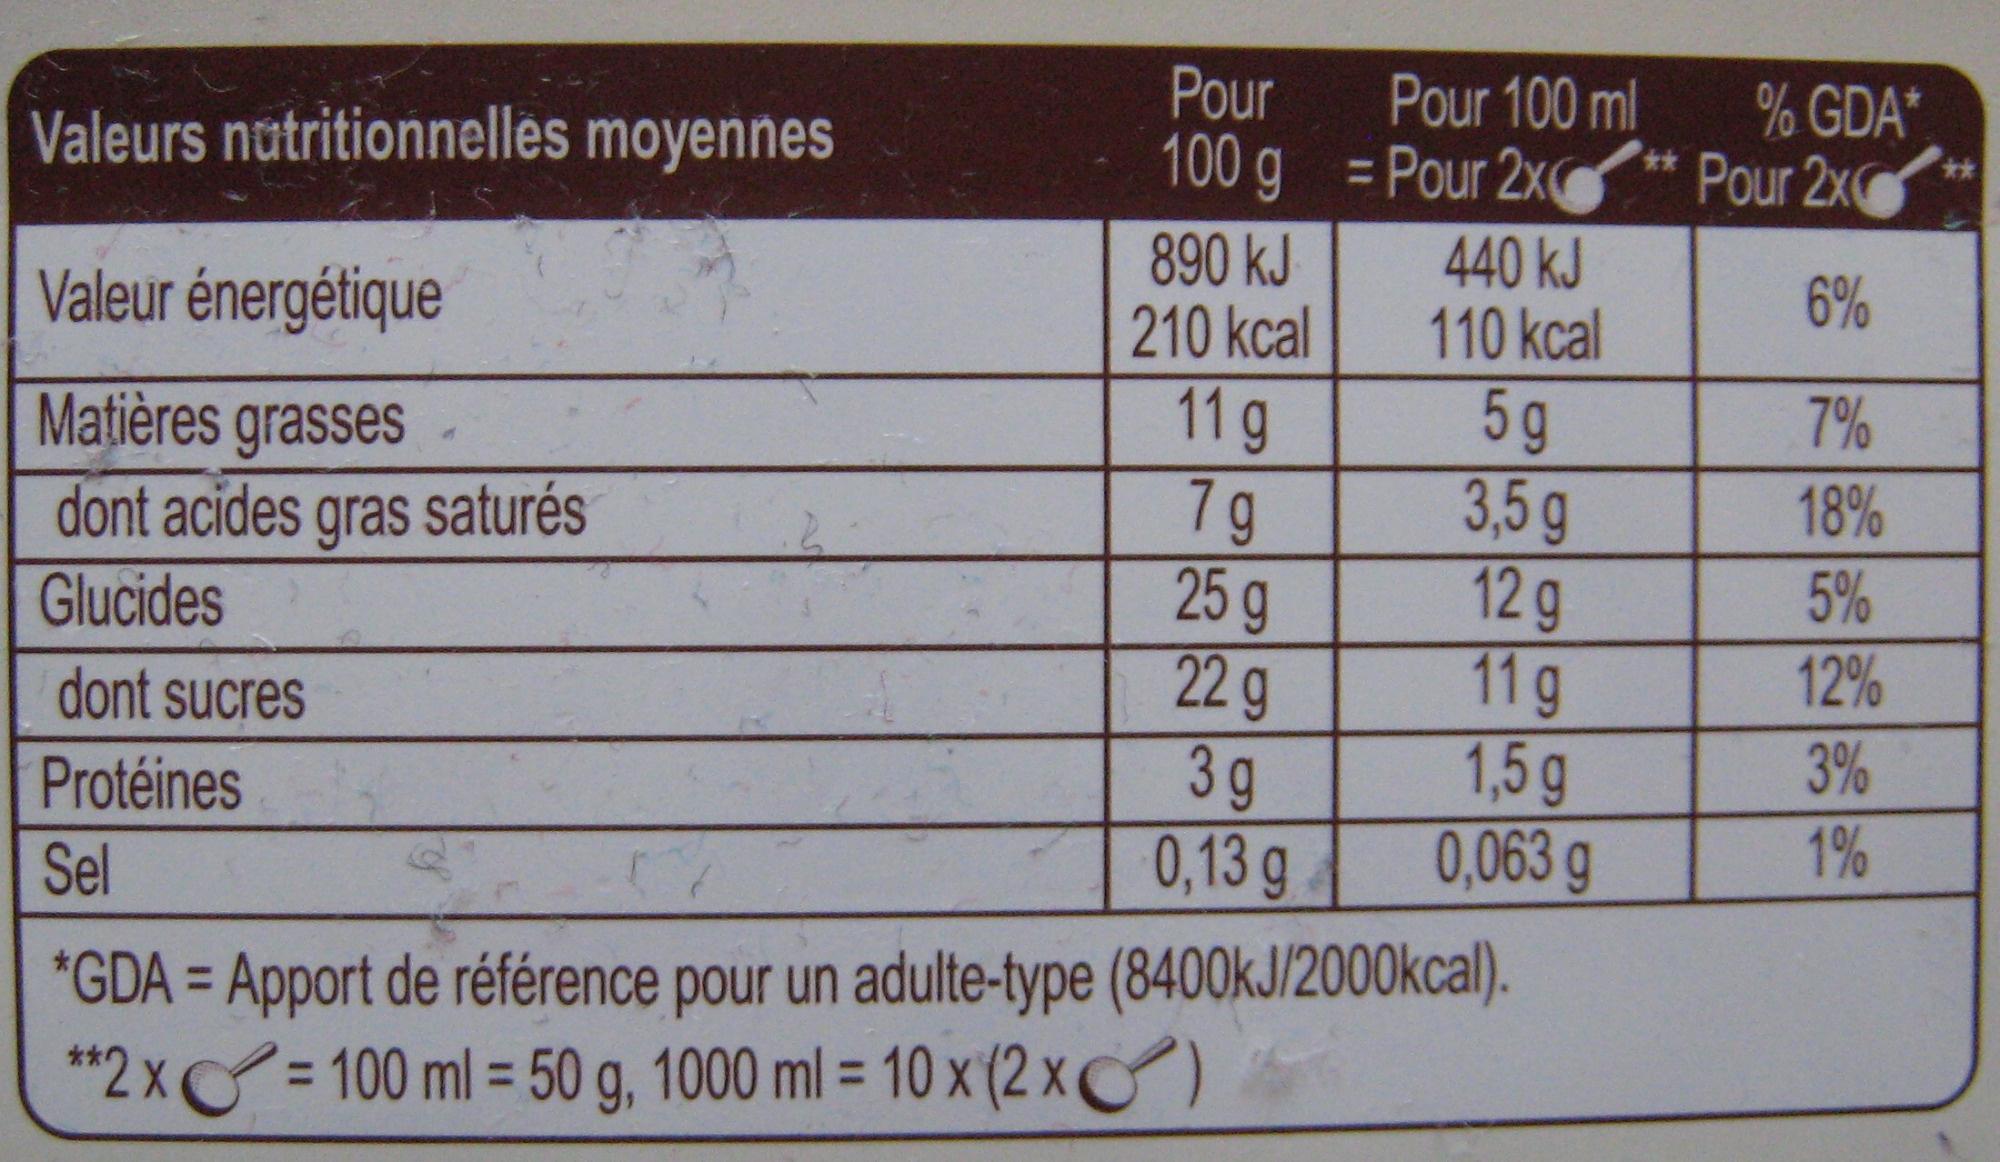 Crème glacée chocolat au lait - Nutrition facts